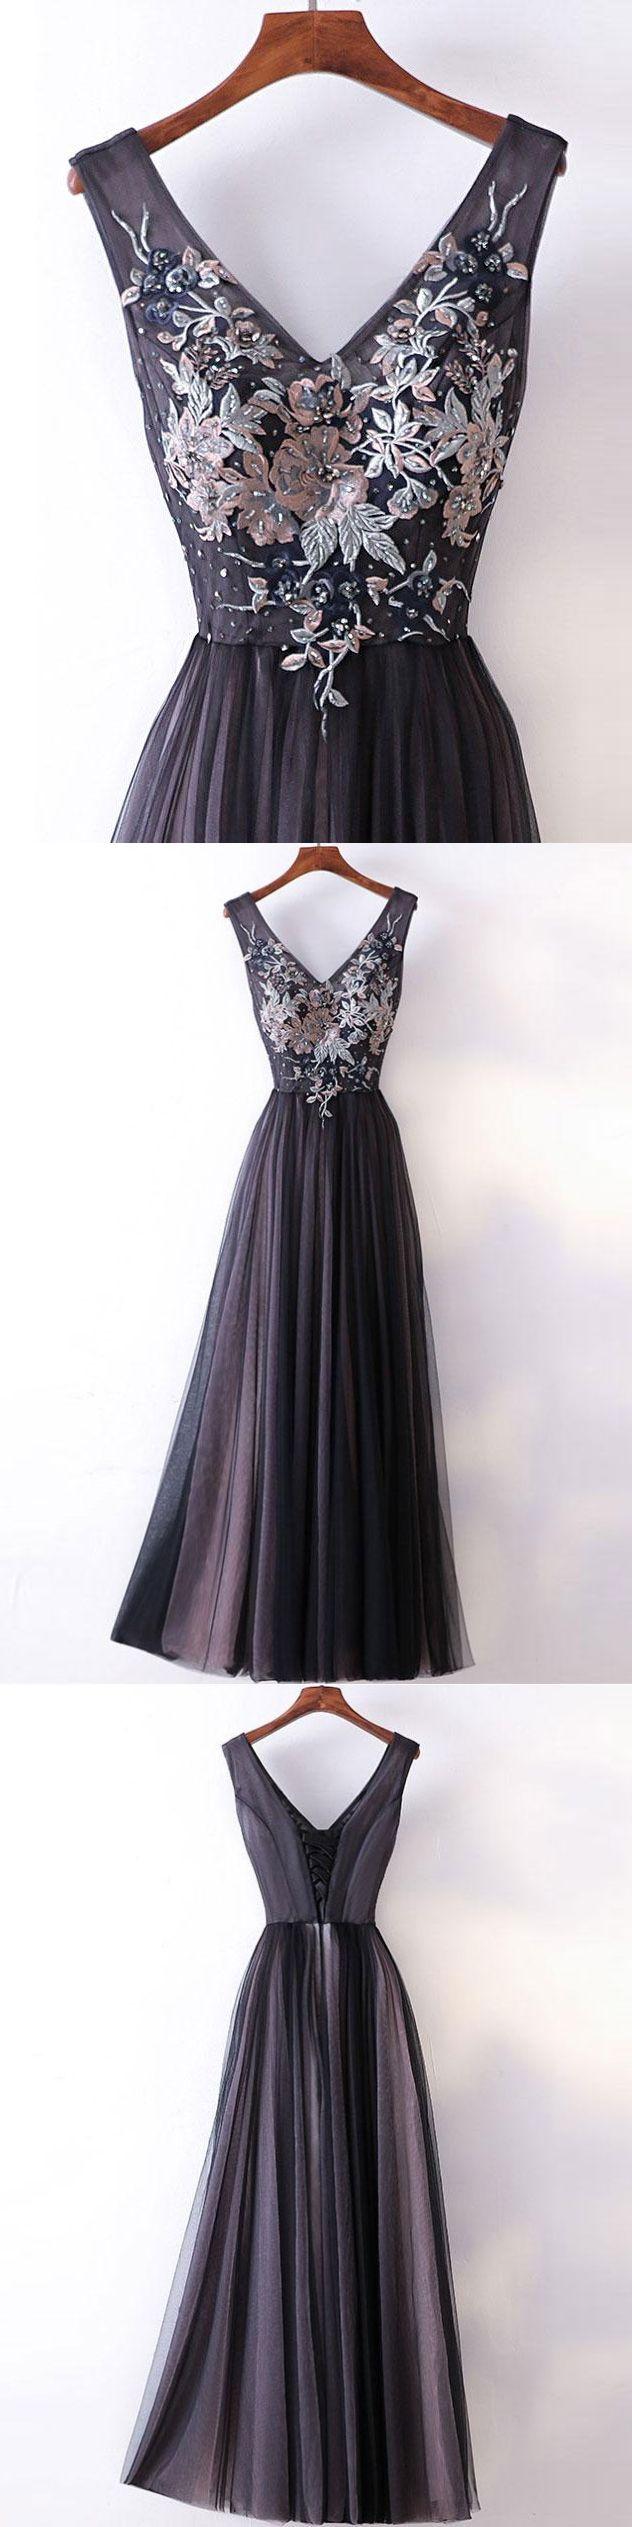 Princessaline vneck lace appliqued simple long prom dresses